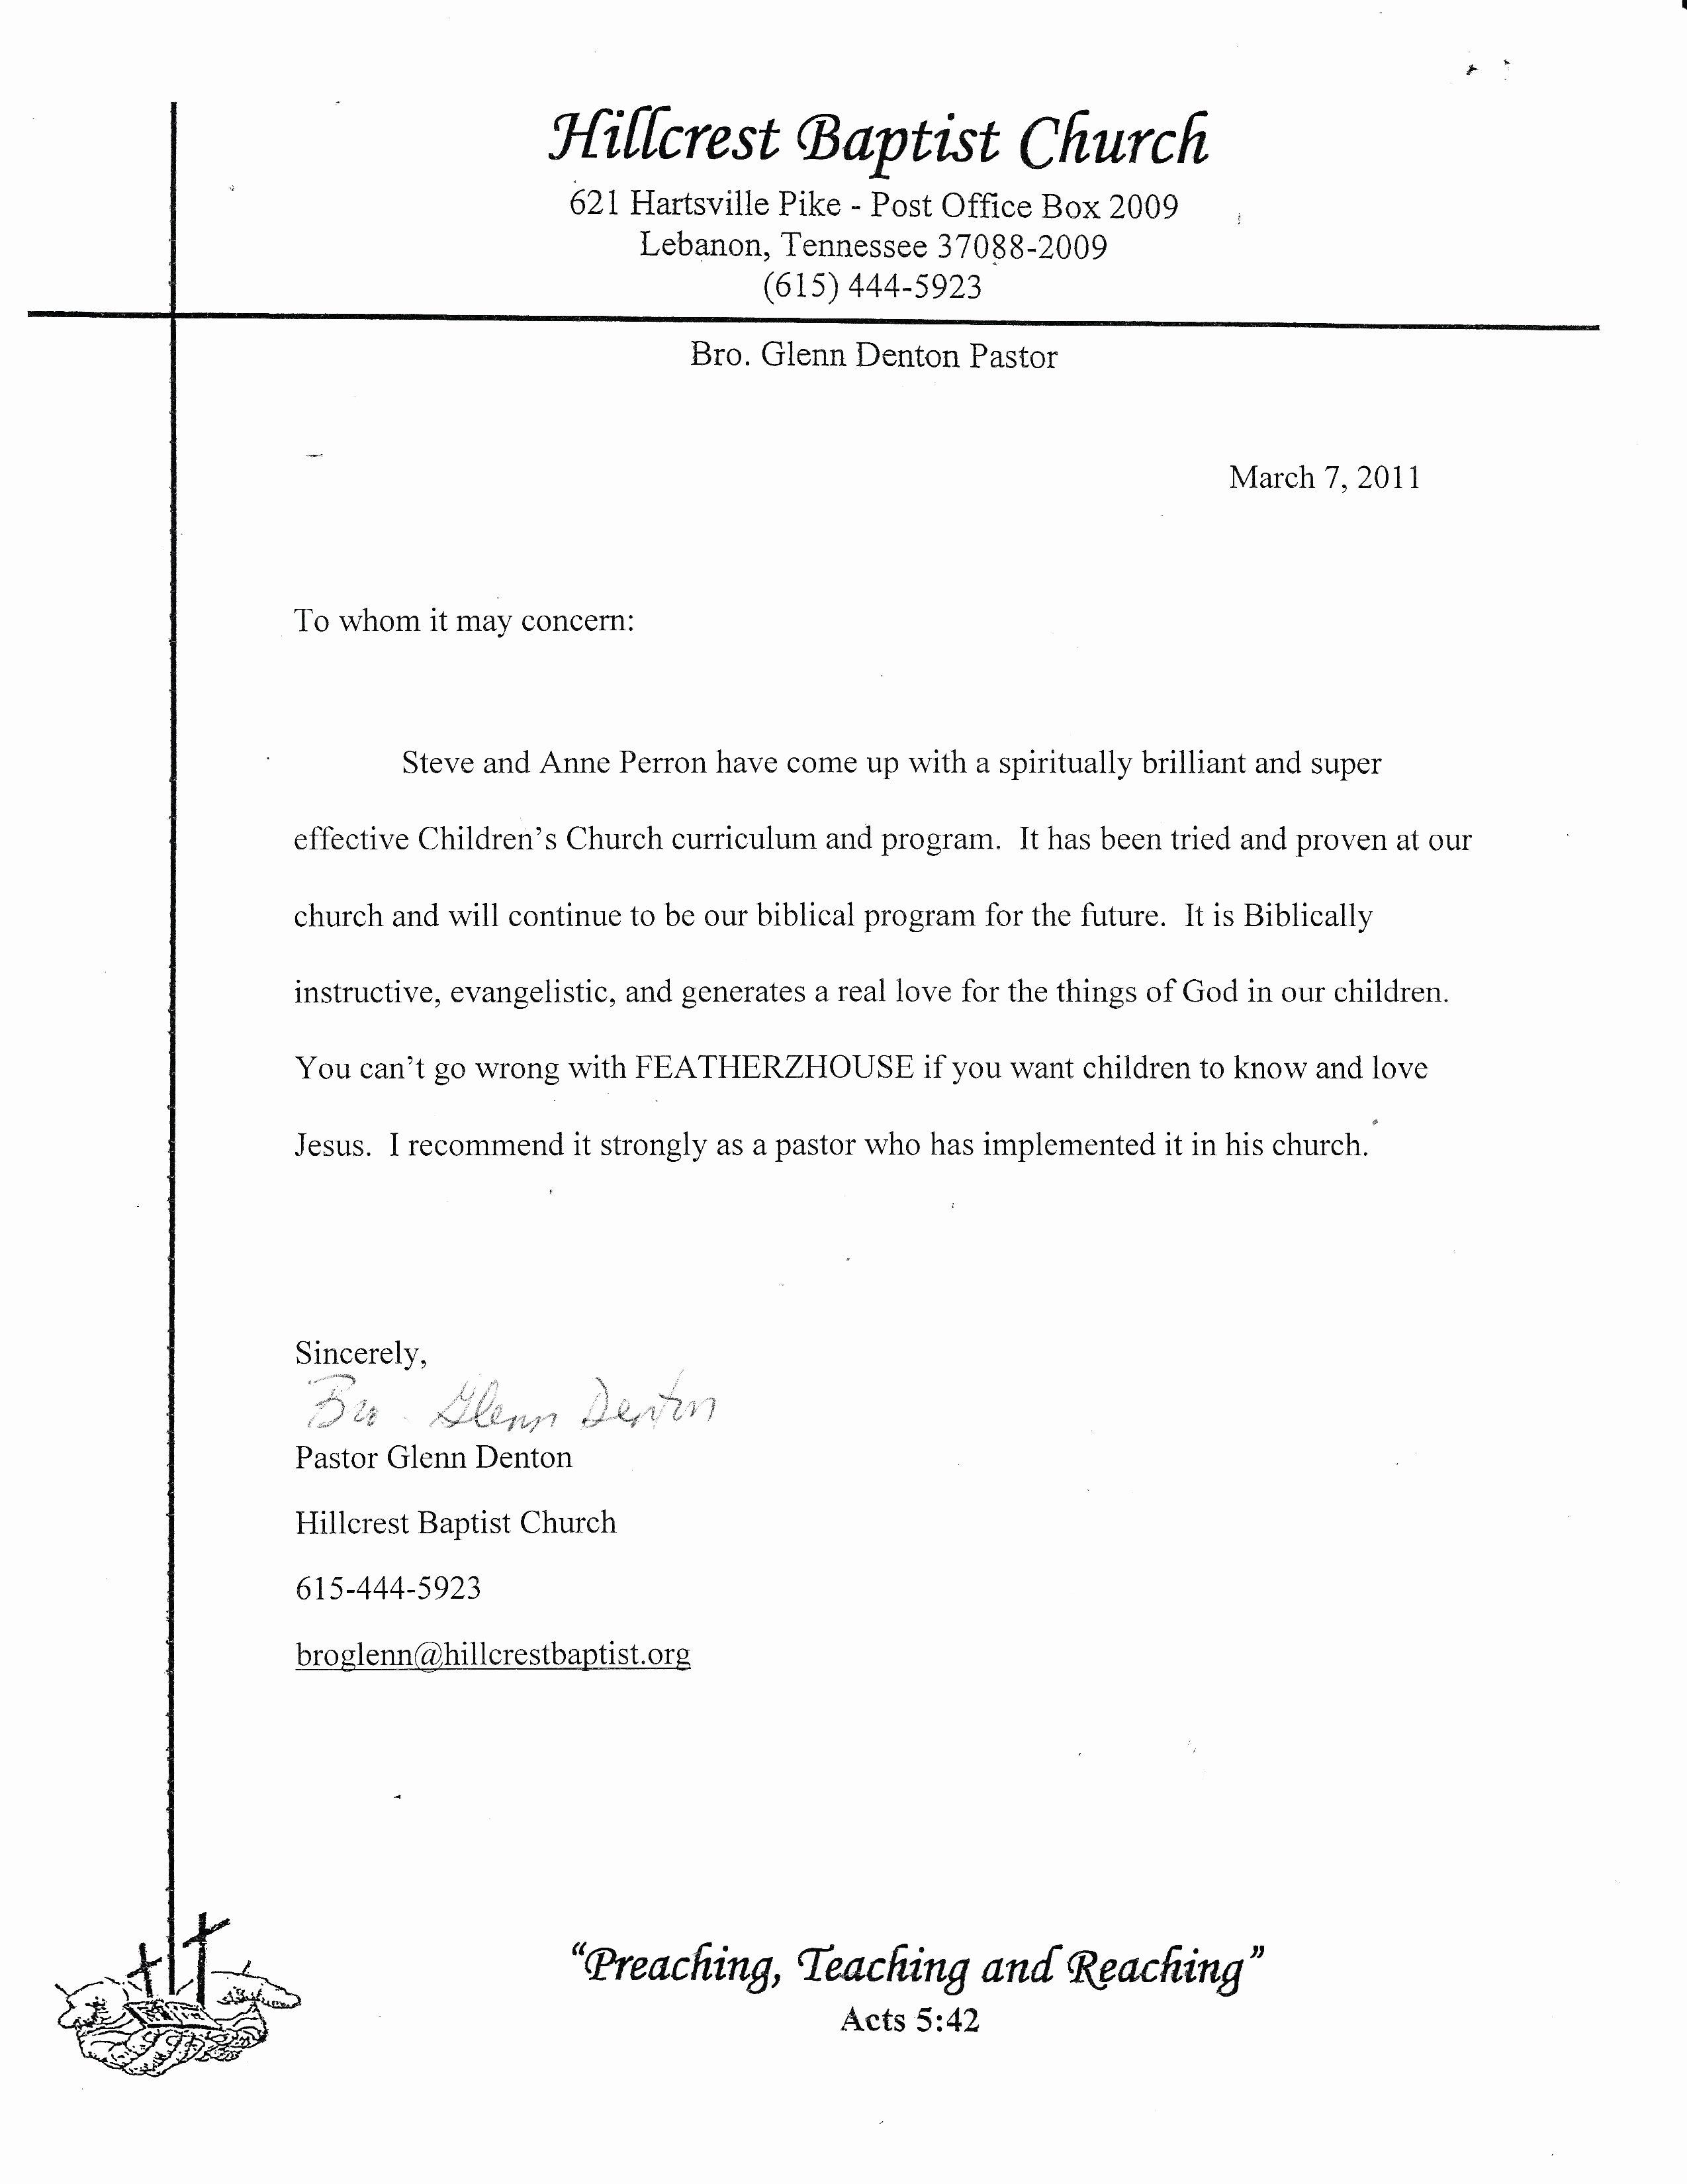 Religious Recommendation Letter Sample Elegant Pastor Re Mendation Letter